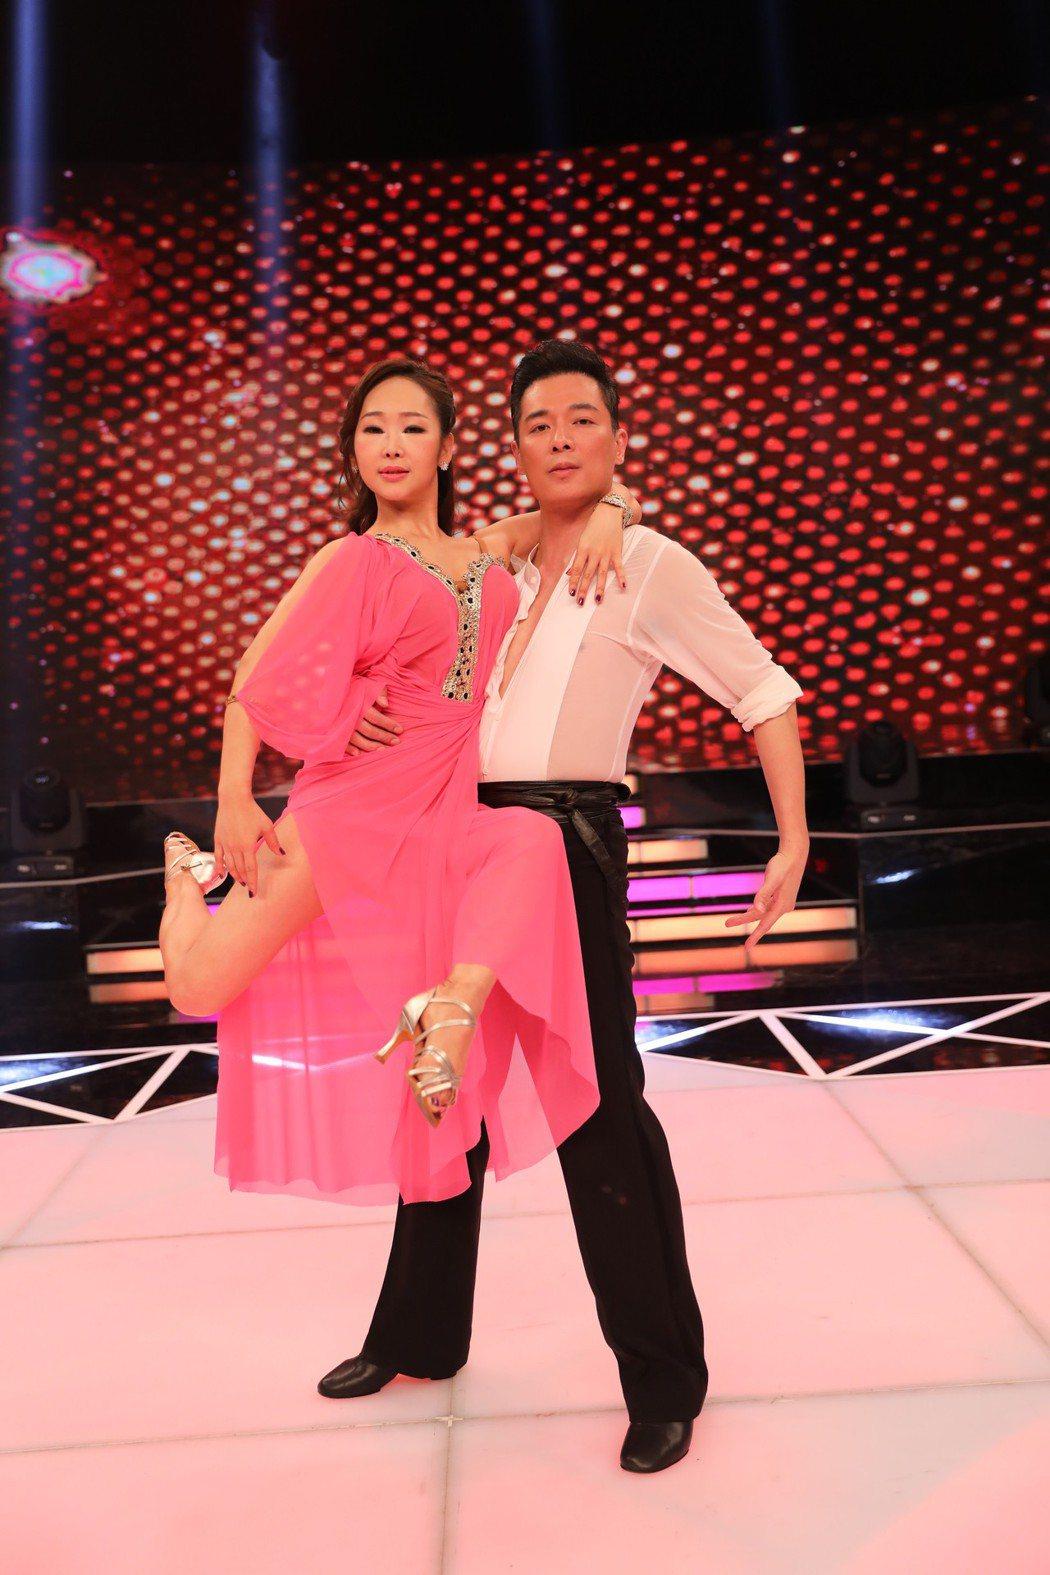 成潤(右)努力練舞,但過程太辛苦,在攝影棚大罵「老師根本就十大酷刑」。圖/民視提